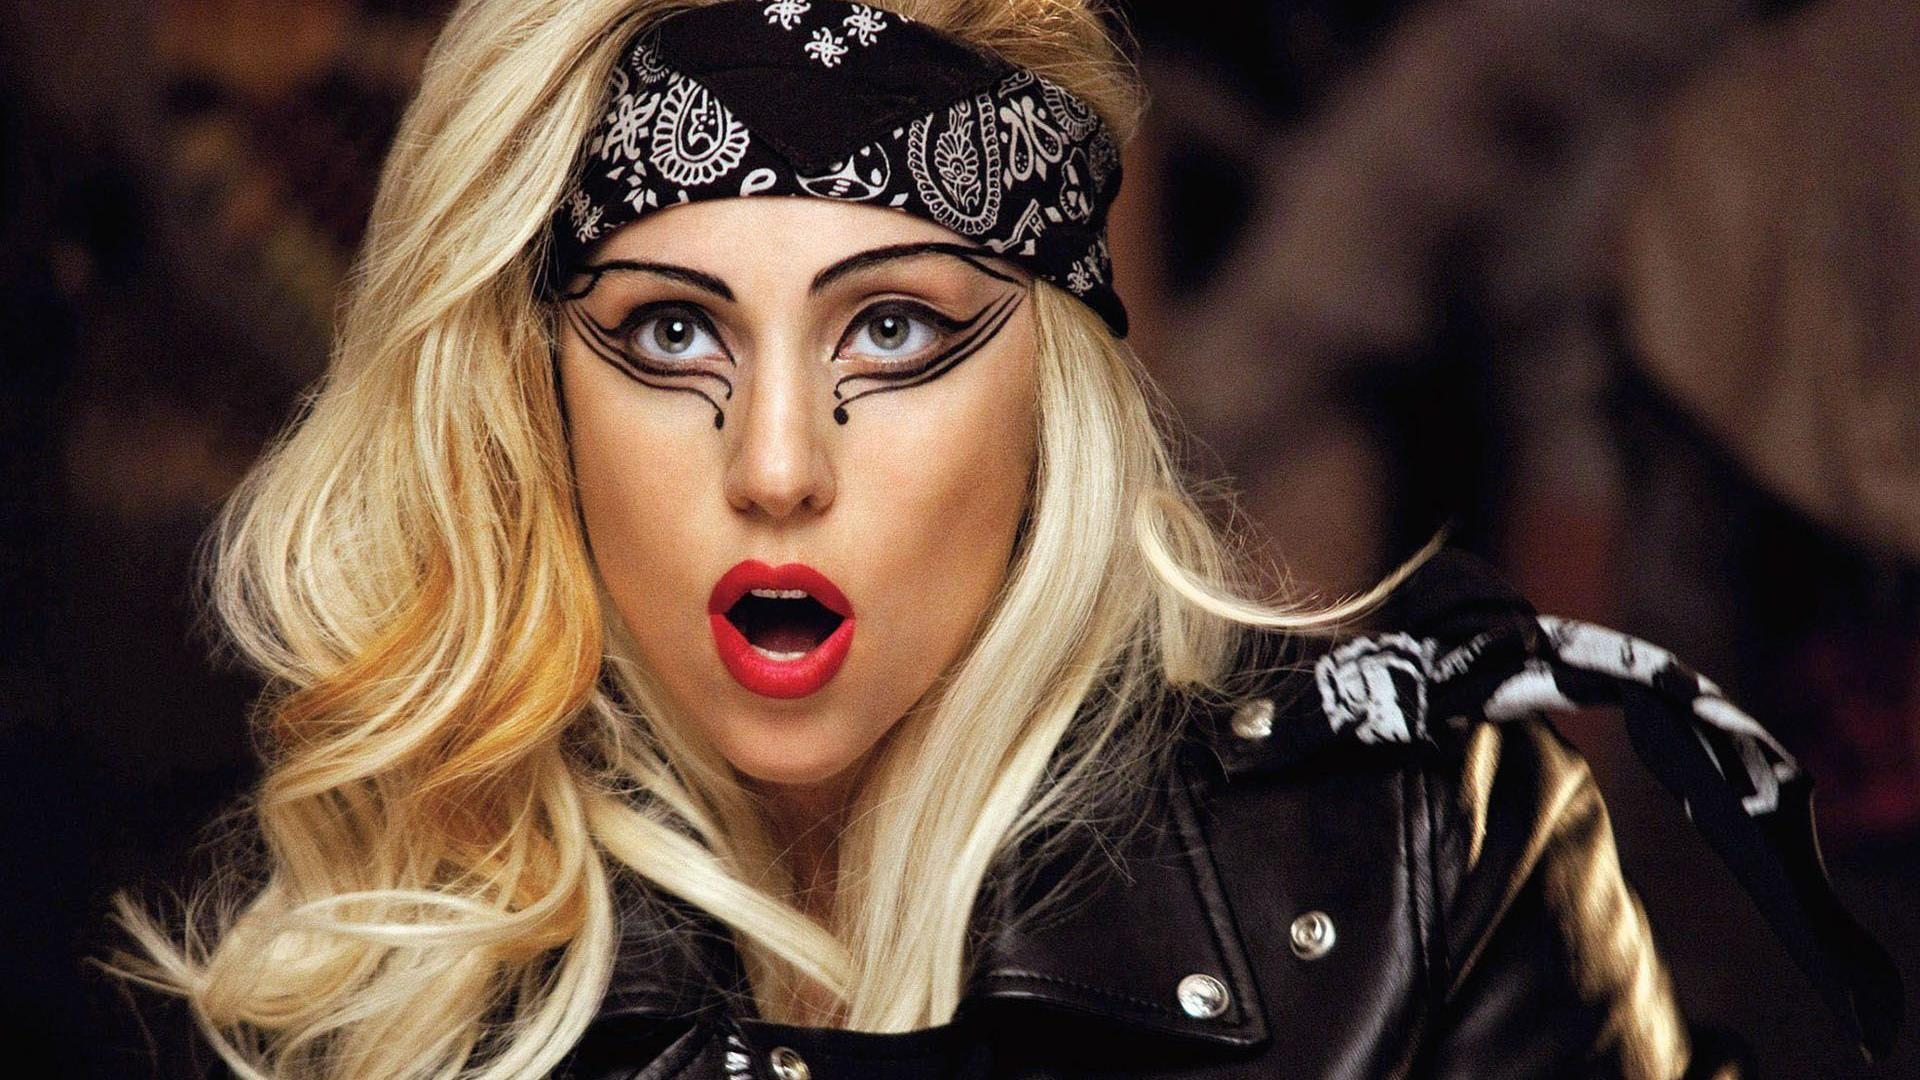 Google themes lady gaga - Lady Gaga 2013 Ladygaga